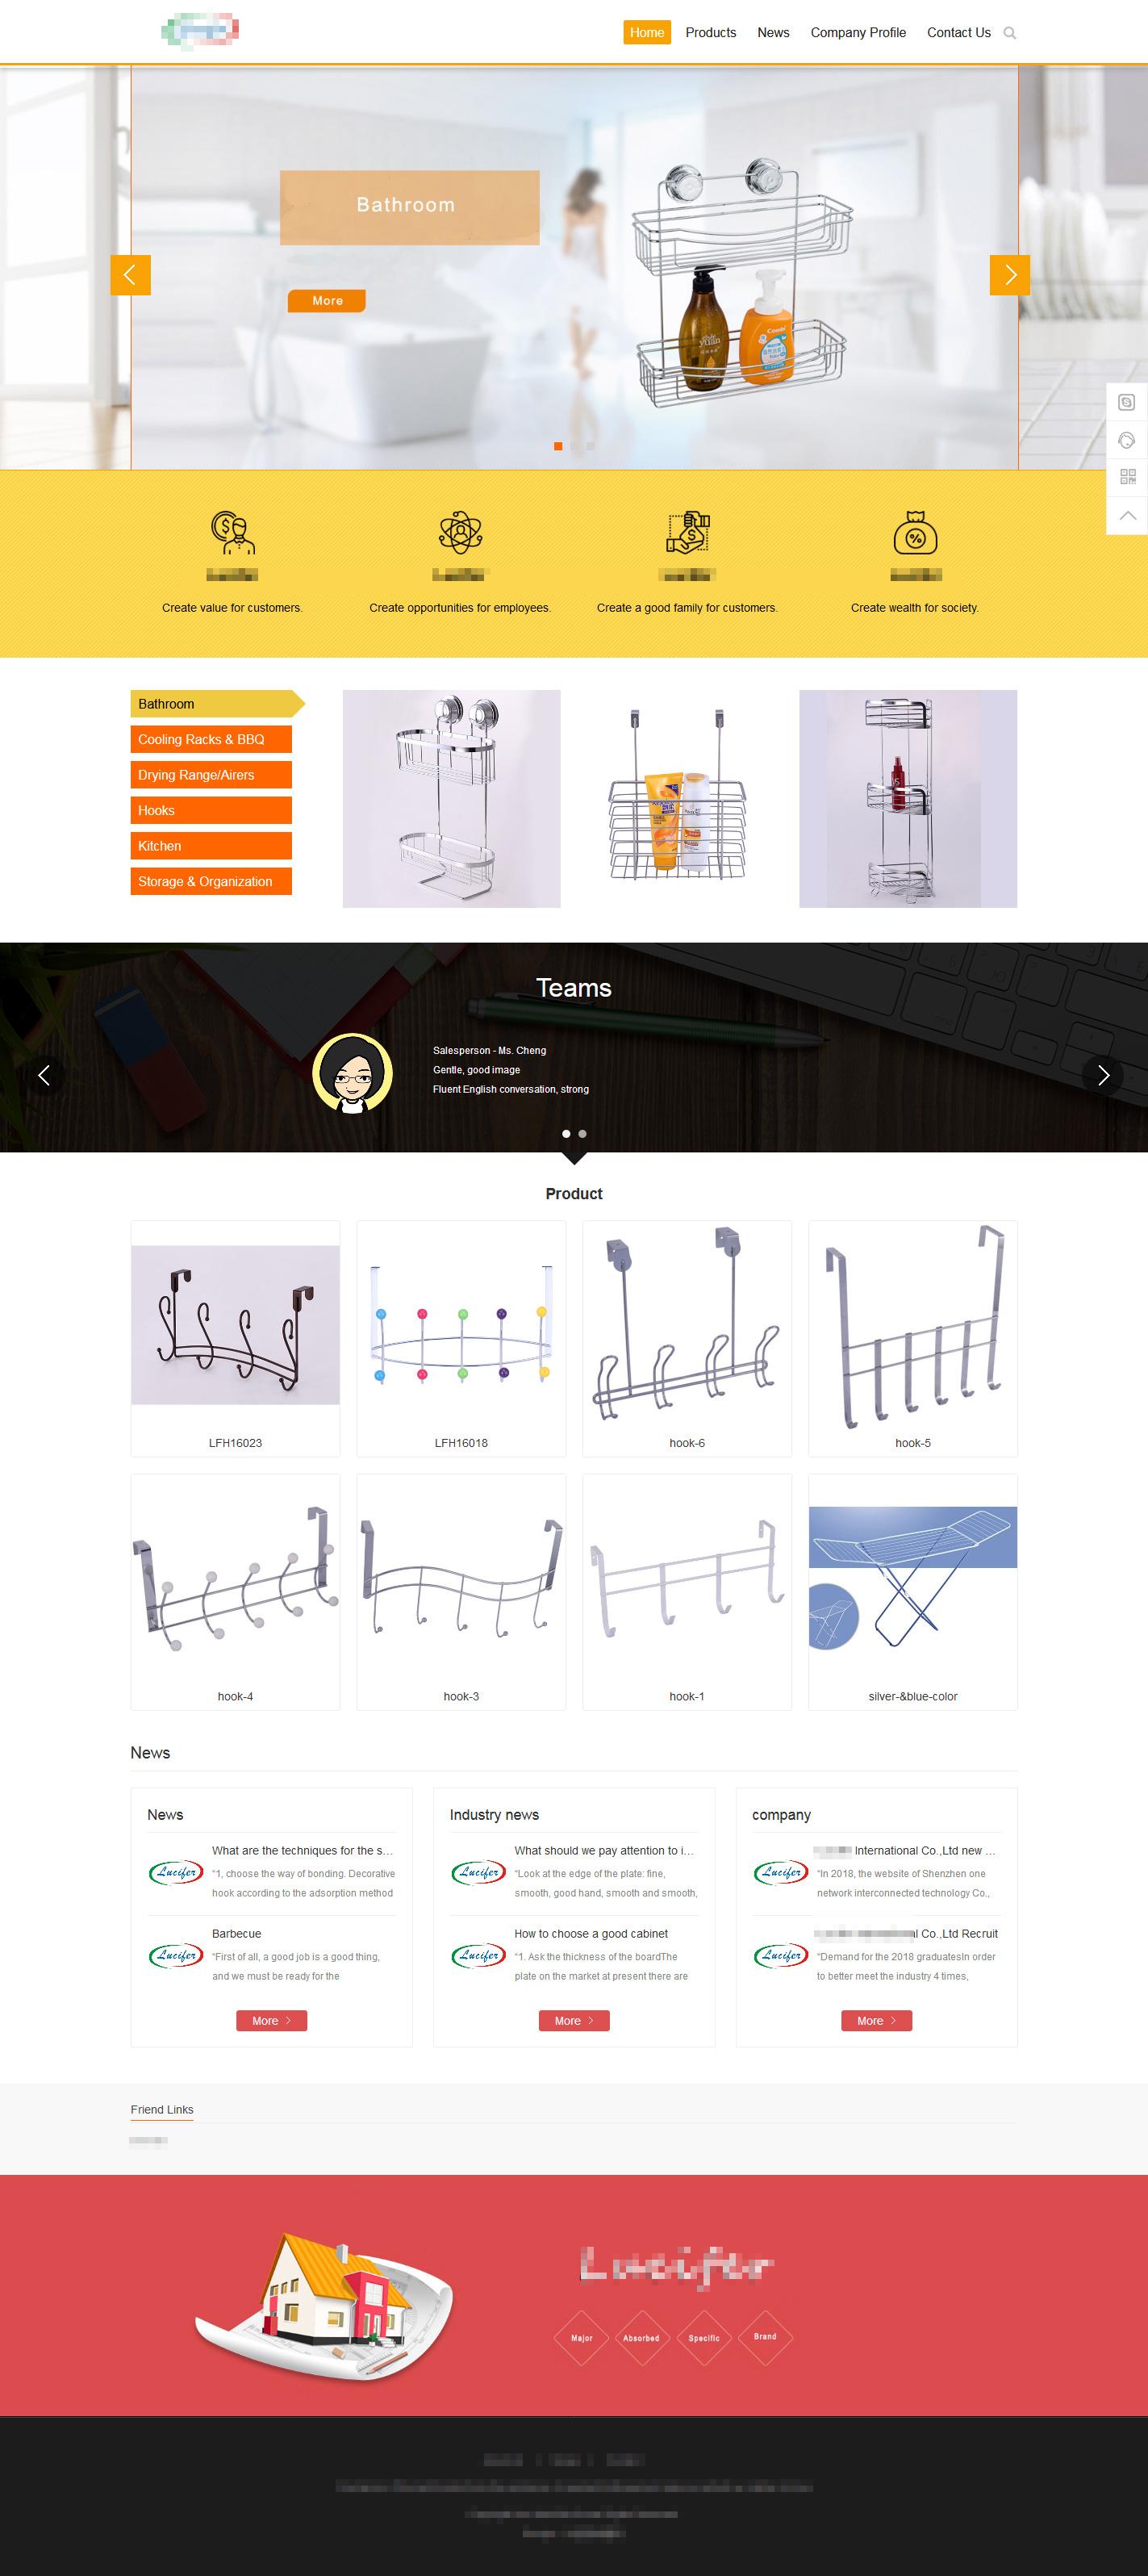 深圳的厨房五金行业外贸英文网站建设的设计案例